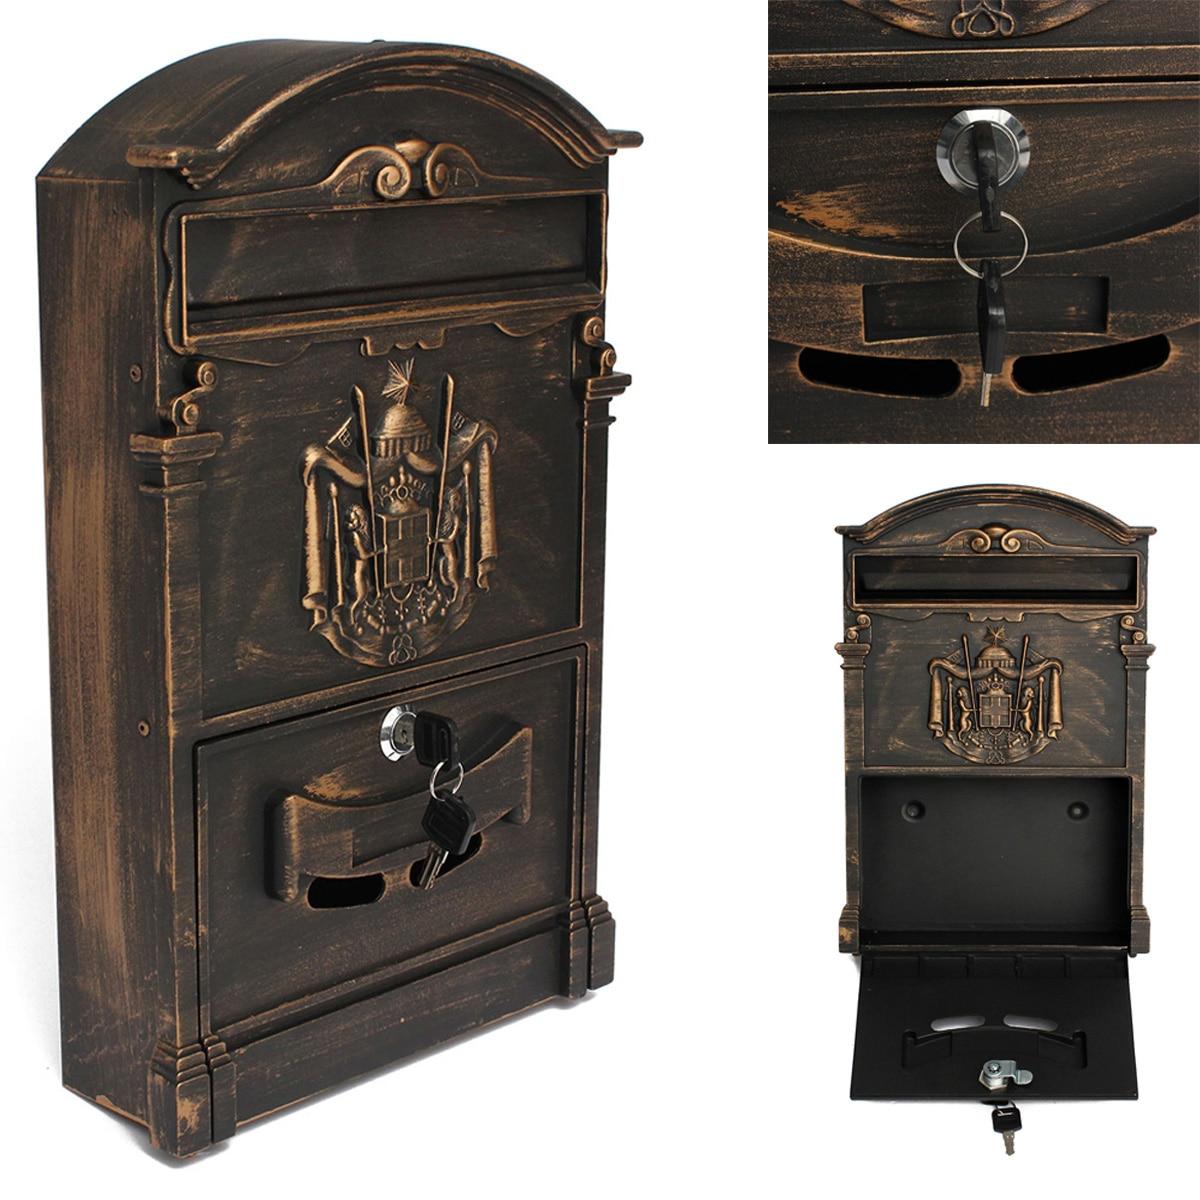 3 цвета Ретро почтовый ящик виллы почтовый ящик Европейский запираемый открытый стенгазету Коробки Secure Letterbox Сад украшения дома